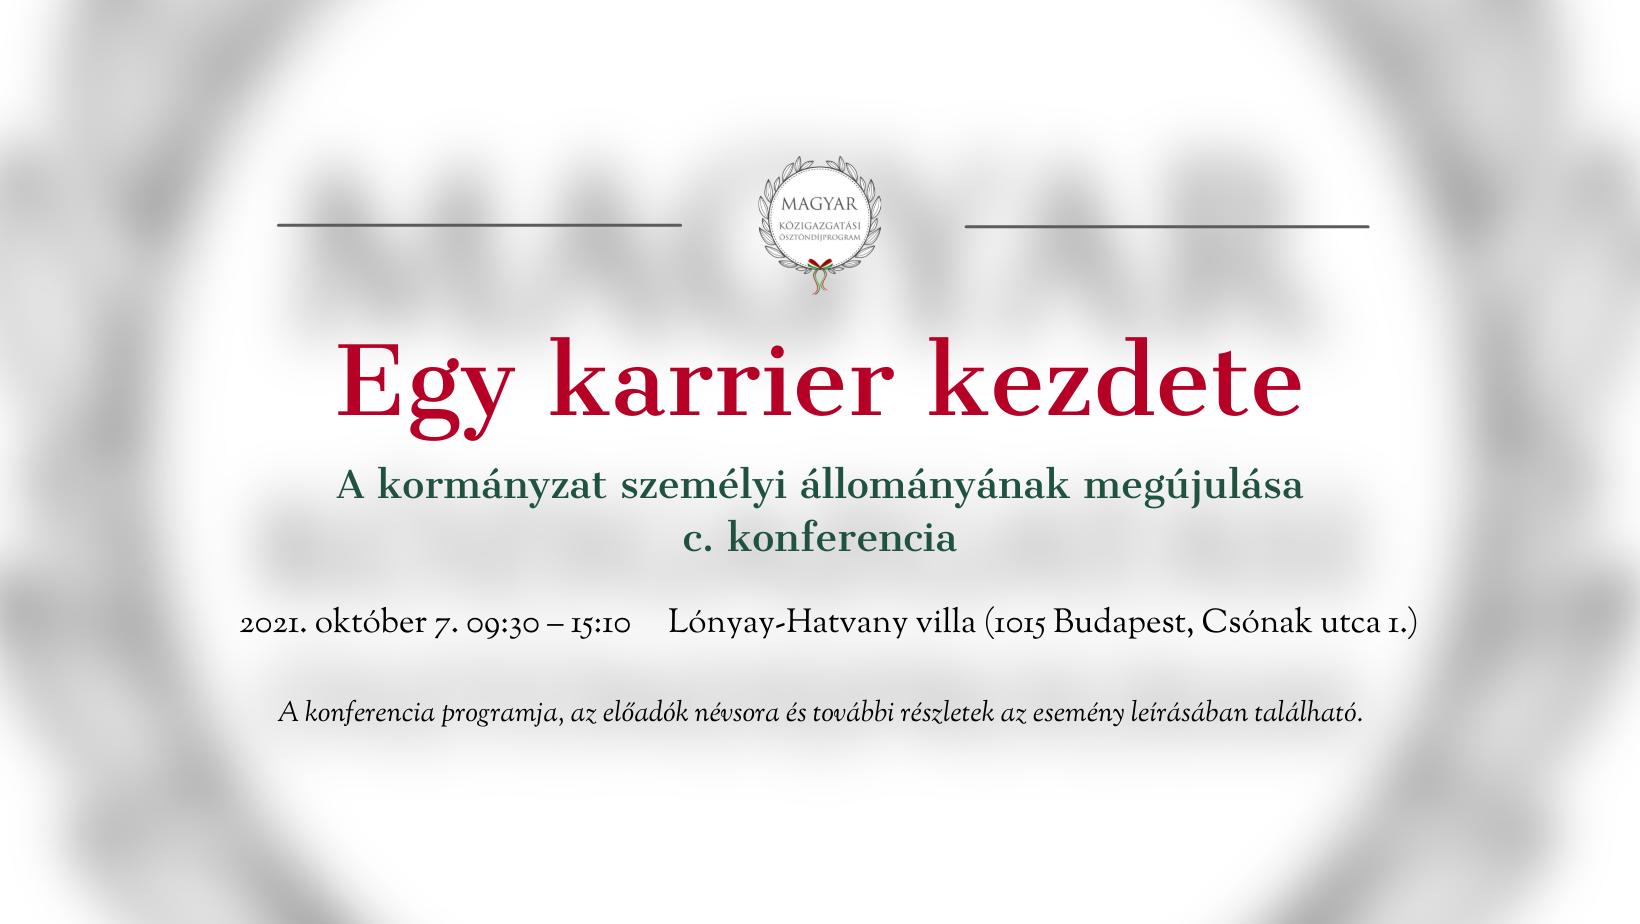 Egy karrier kezdete – A kormányzat személyi állományának megújulása címmel rendez konferenciát az MKÖ